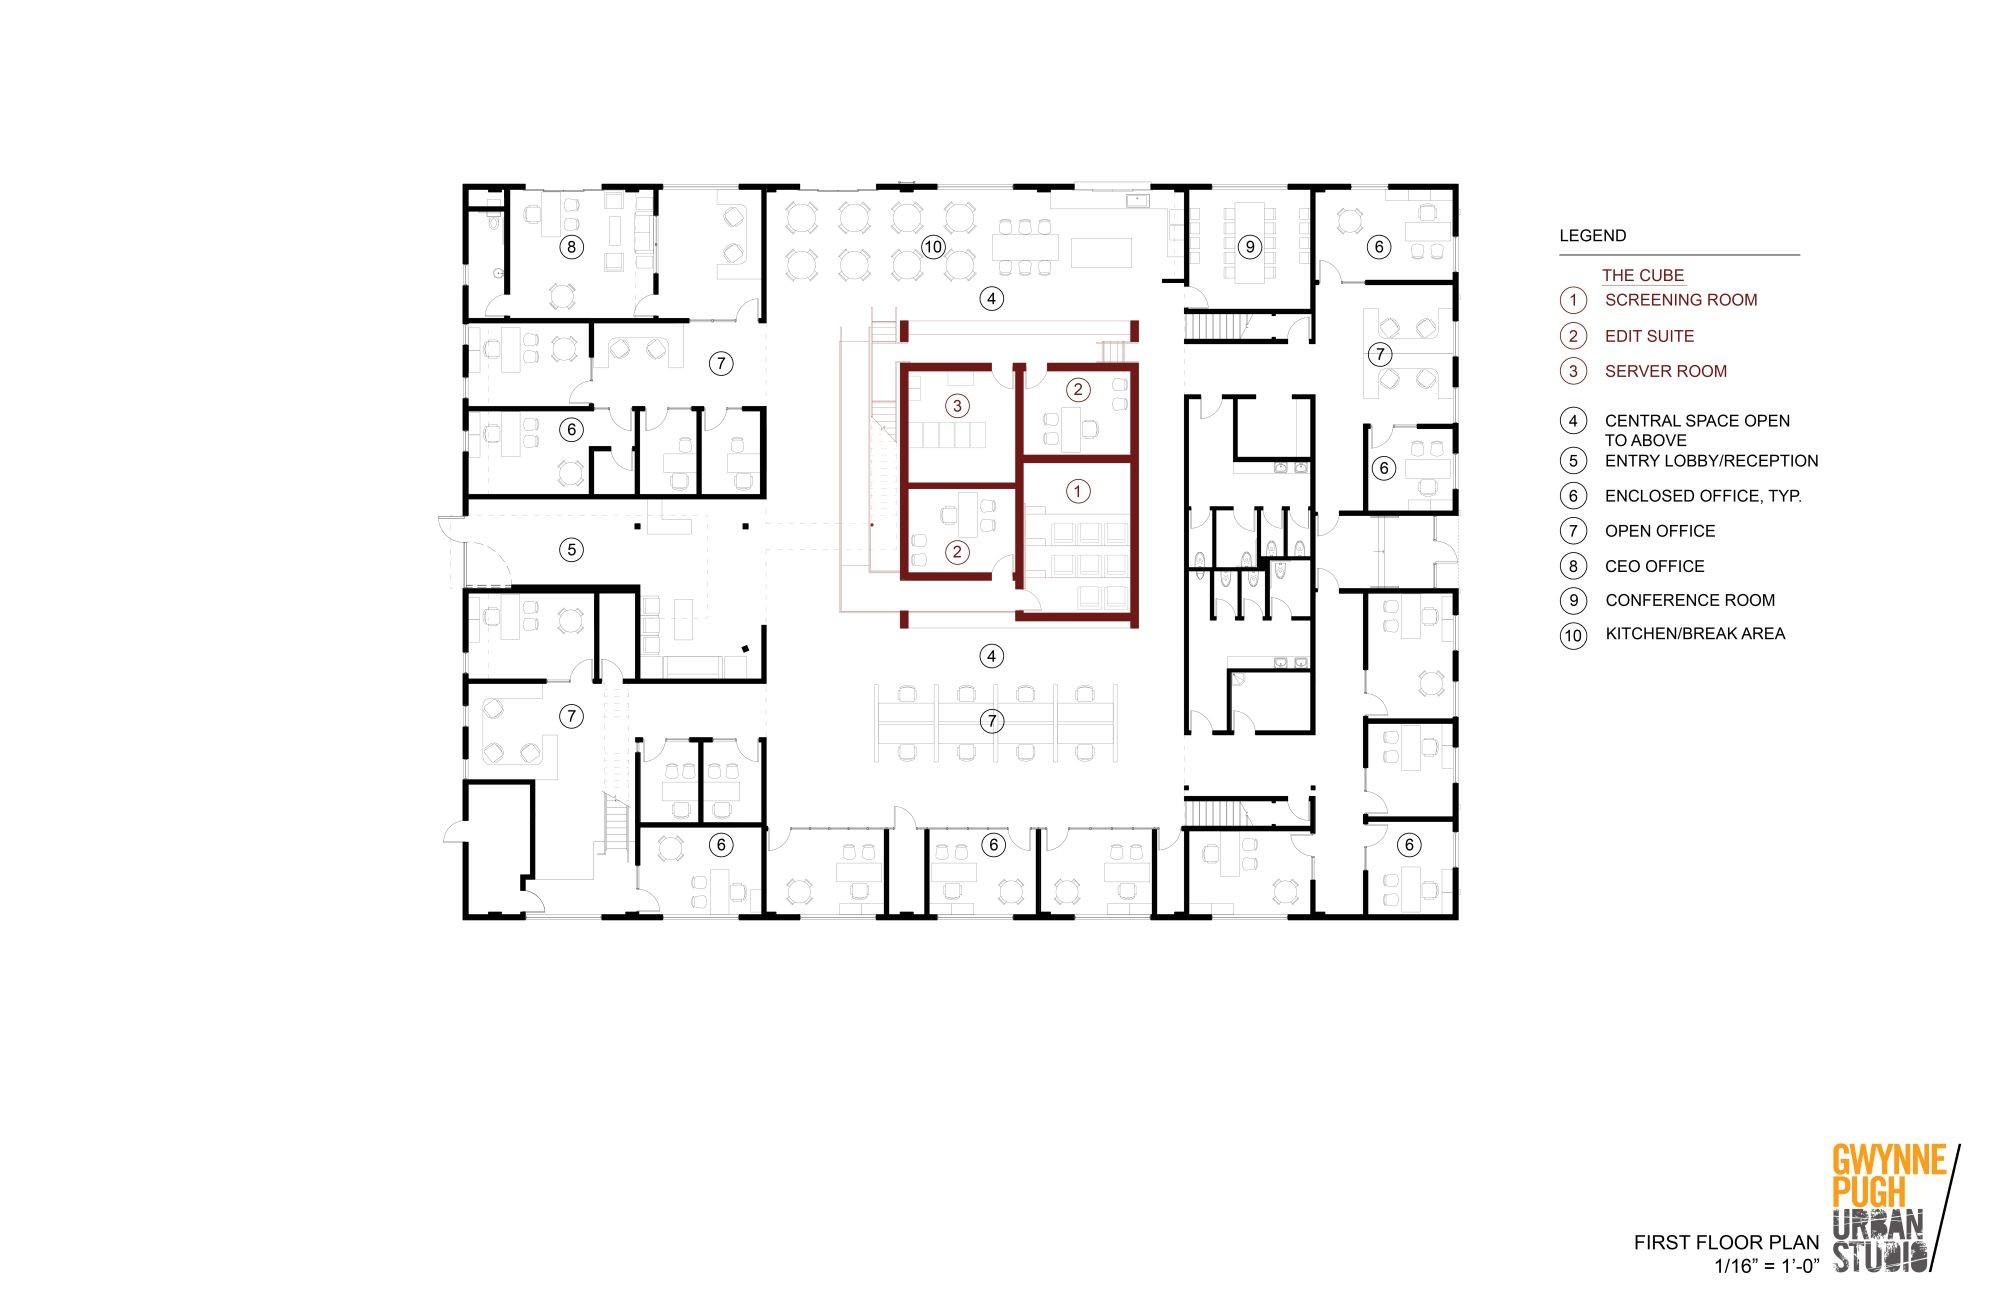 Santa monica animation studio gwynne pugh urban studio for Urban floor plans